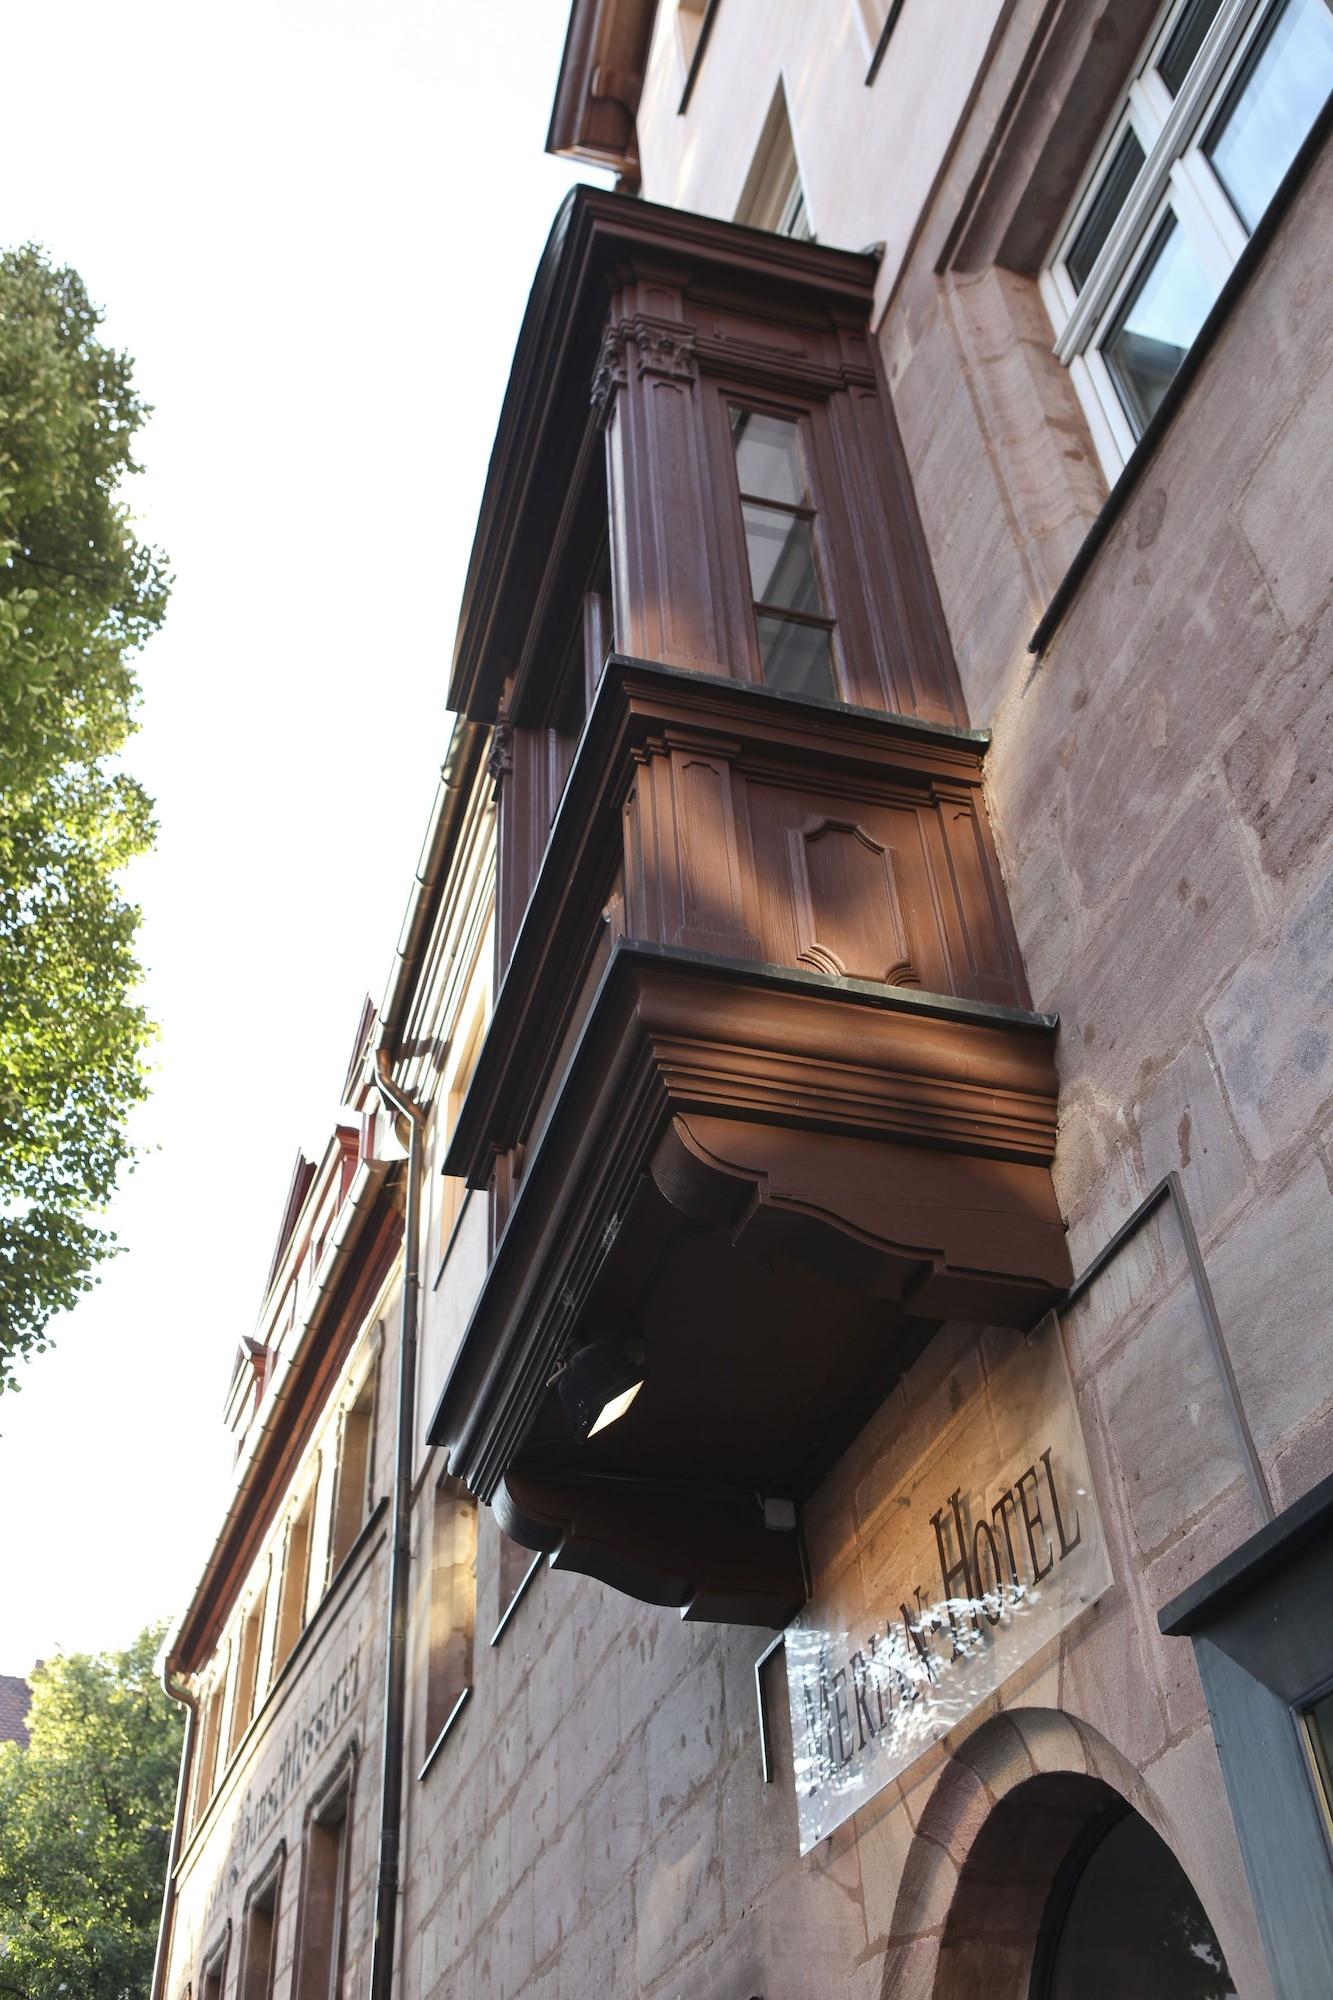 Hotel Hauser, Nürnberg